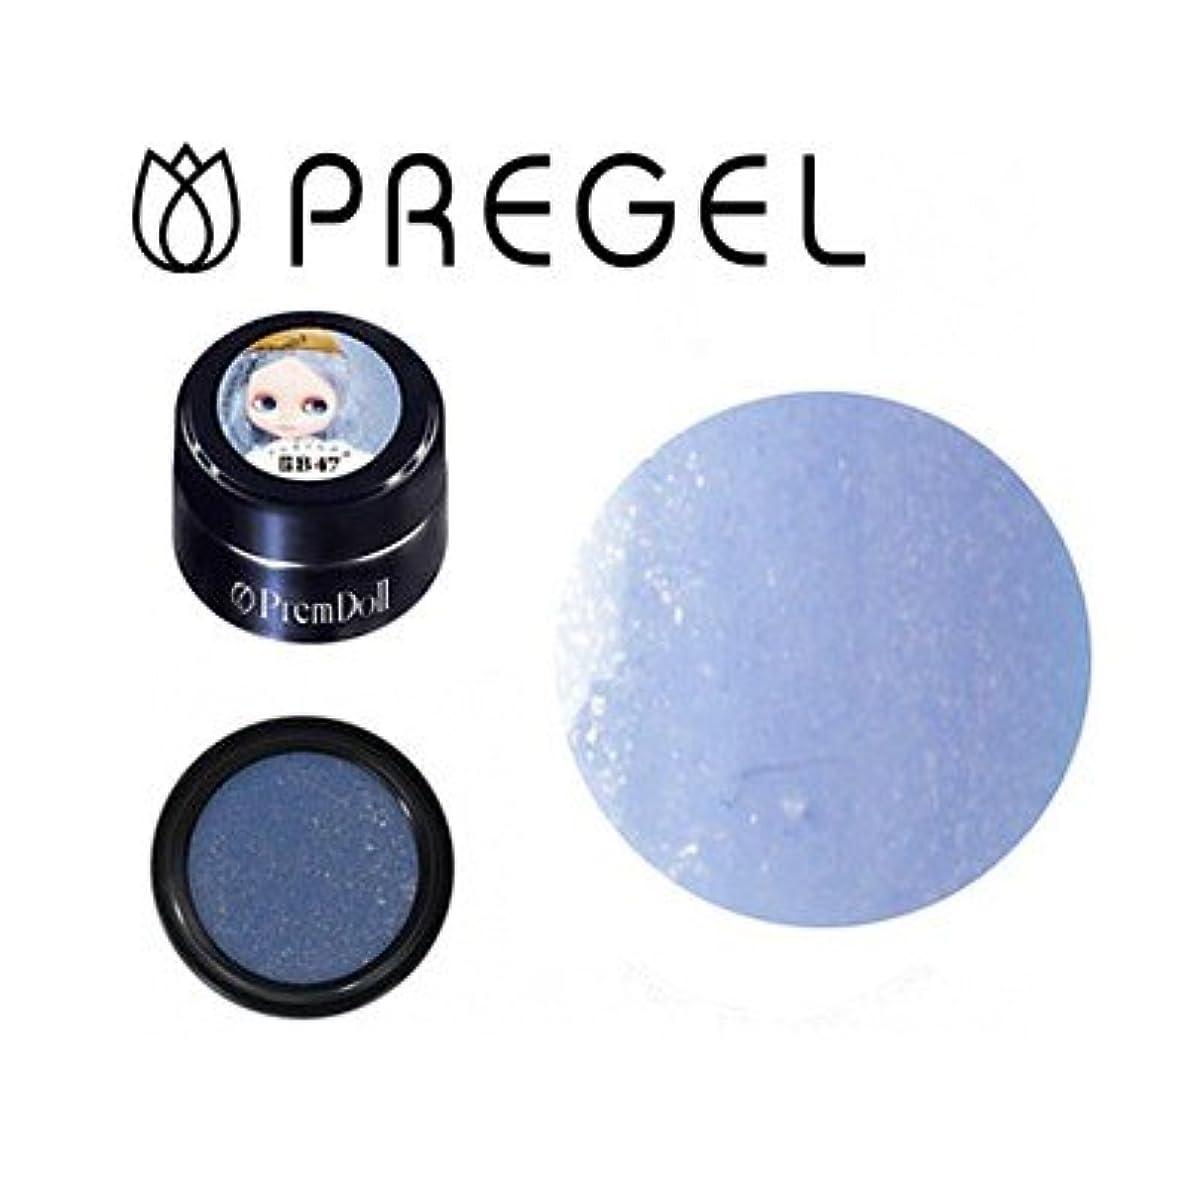 ペナルティ浮浪者物理ジェルネイル カラージェル プリジェル PREGEL プリムドール ジェーンレフロイシリーズ DOLL-B47 アルタイルの涙